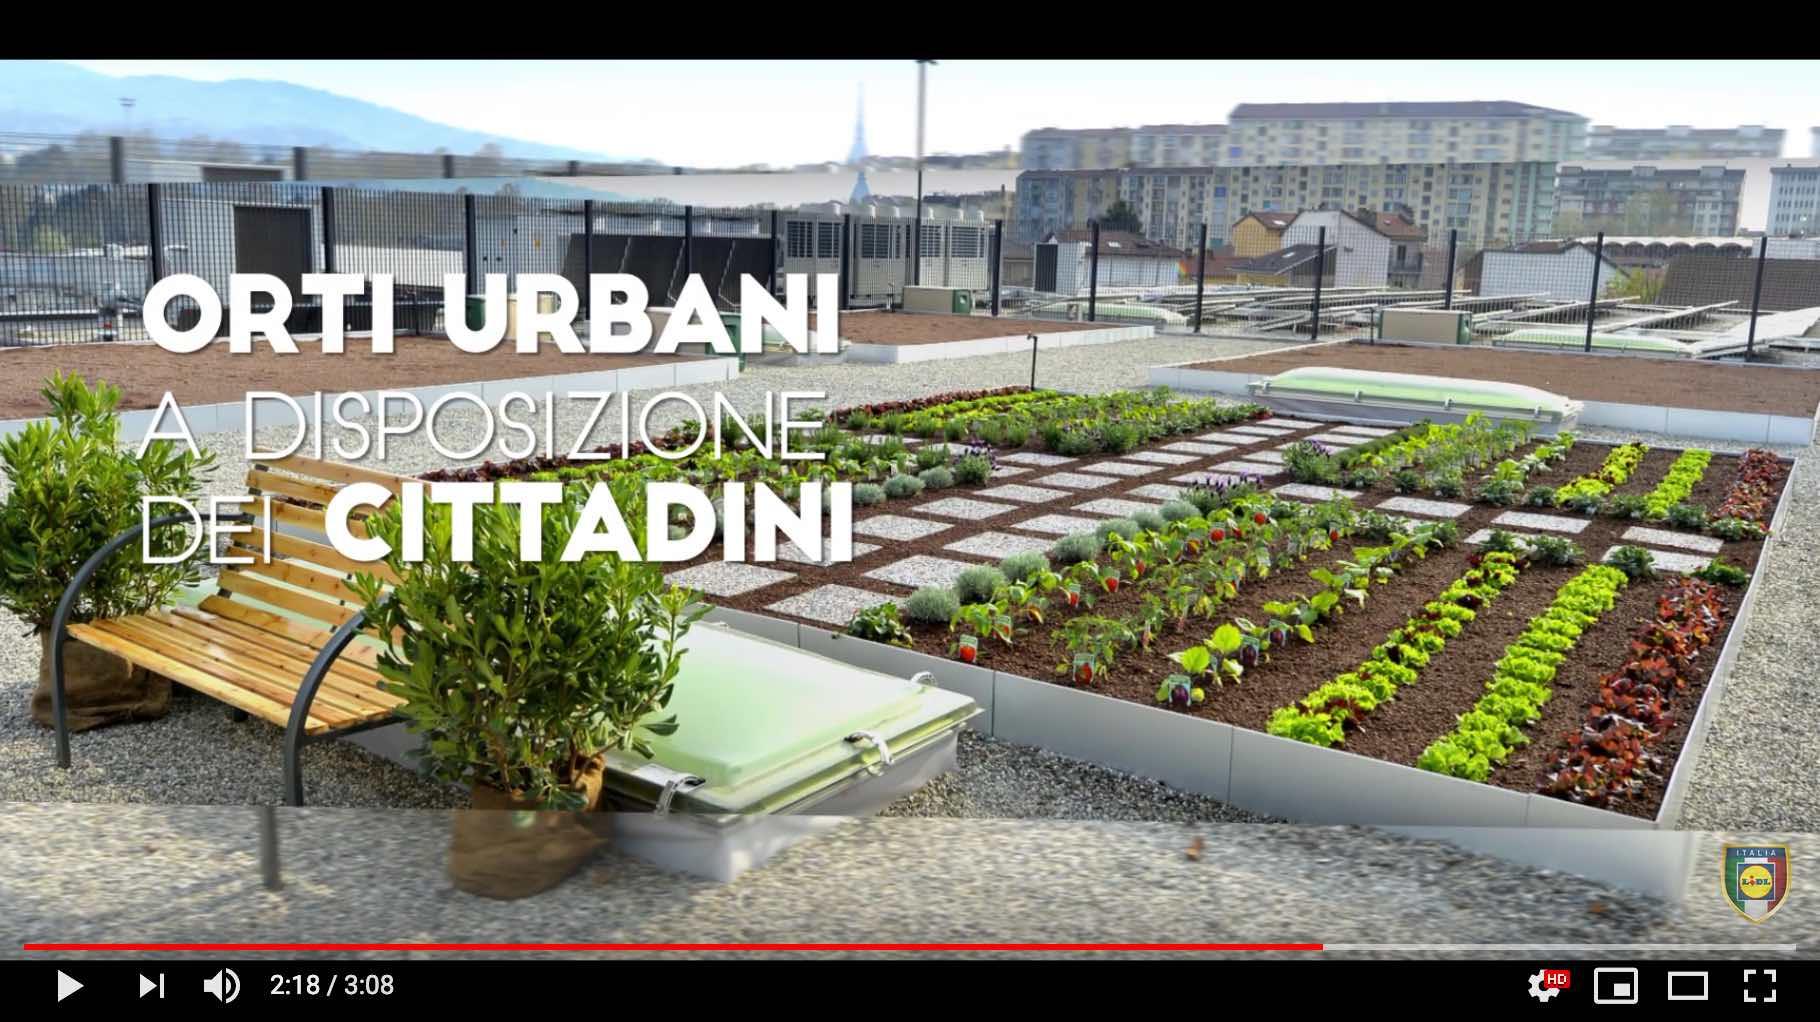 Lidl-Torino-via-Bologna-orti-urbani-dettaglio